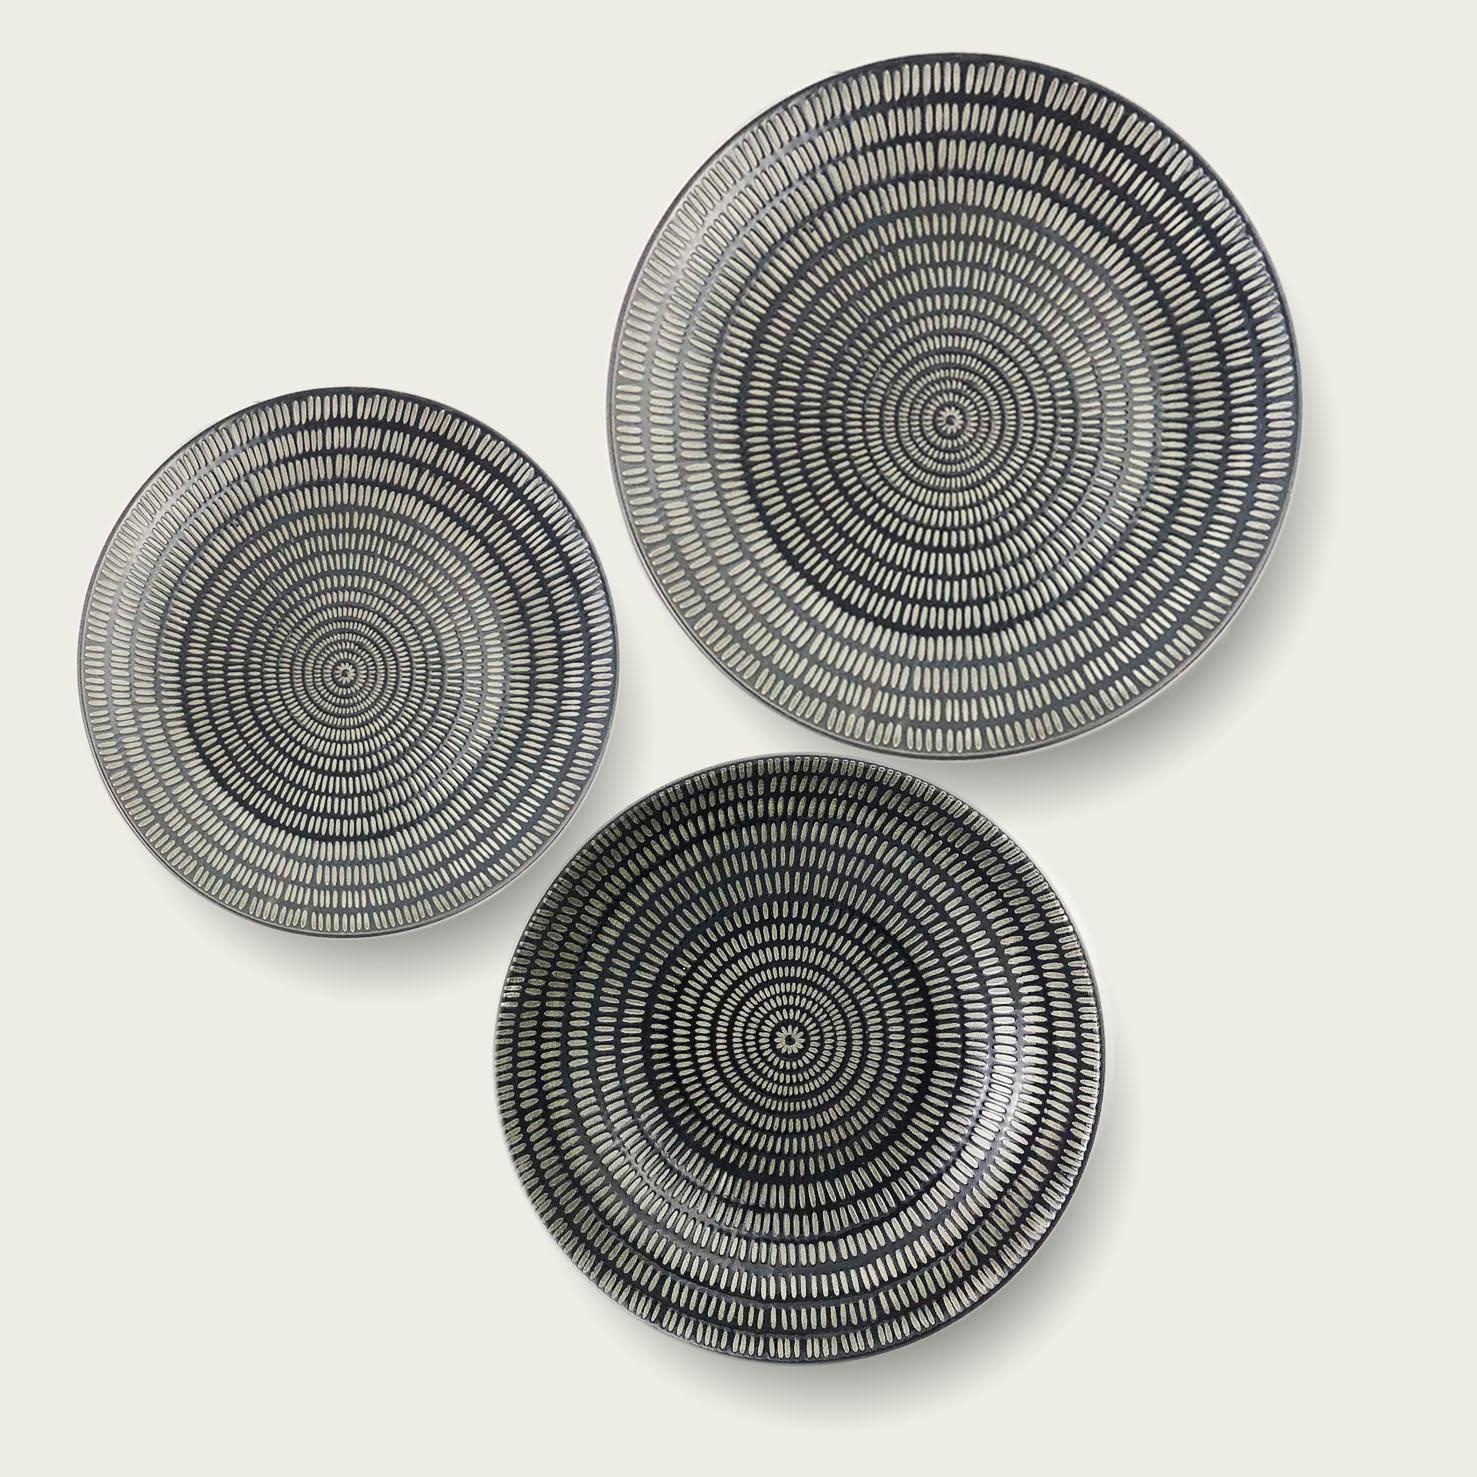 Servizio 18 piatti - cuerda seca ethinc chic-nero